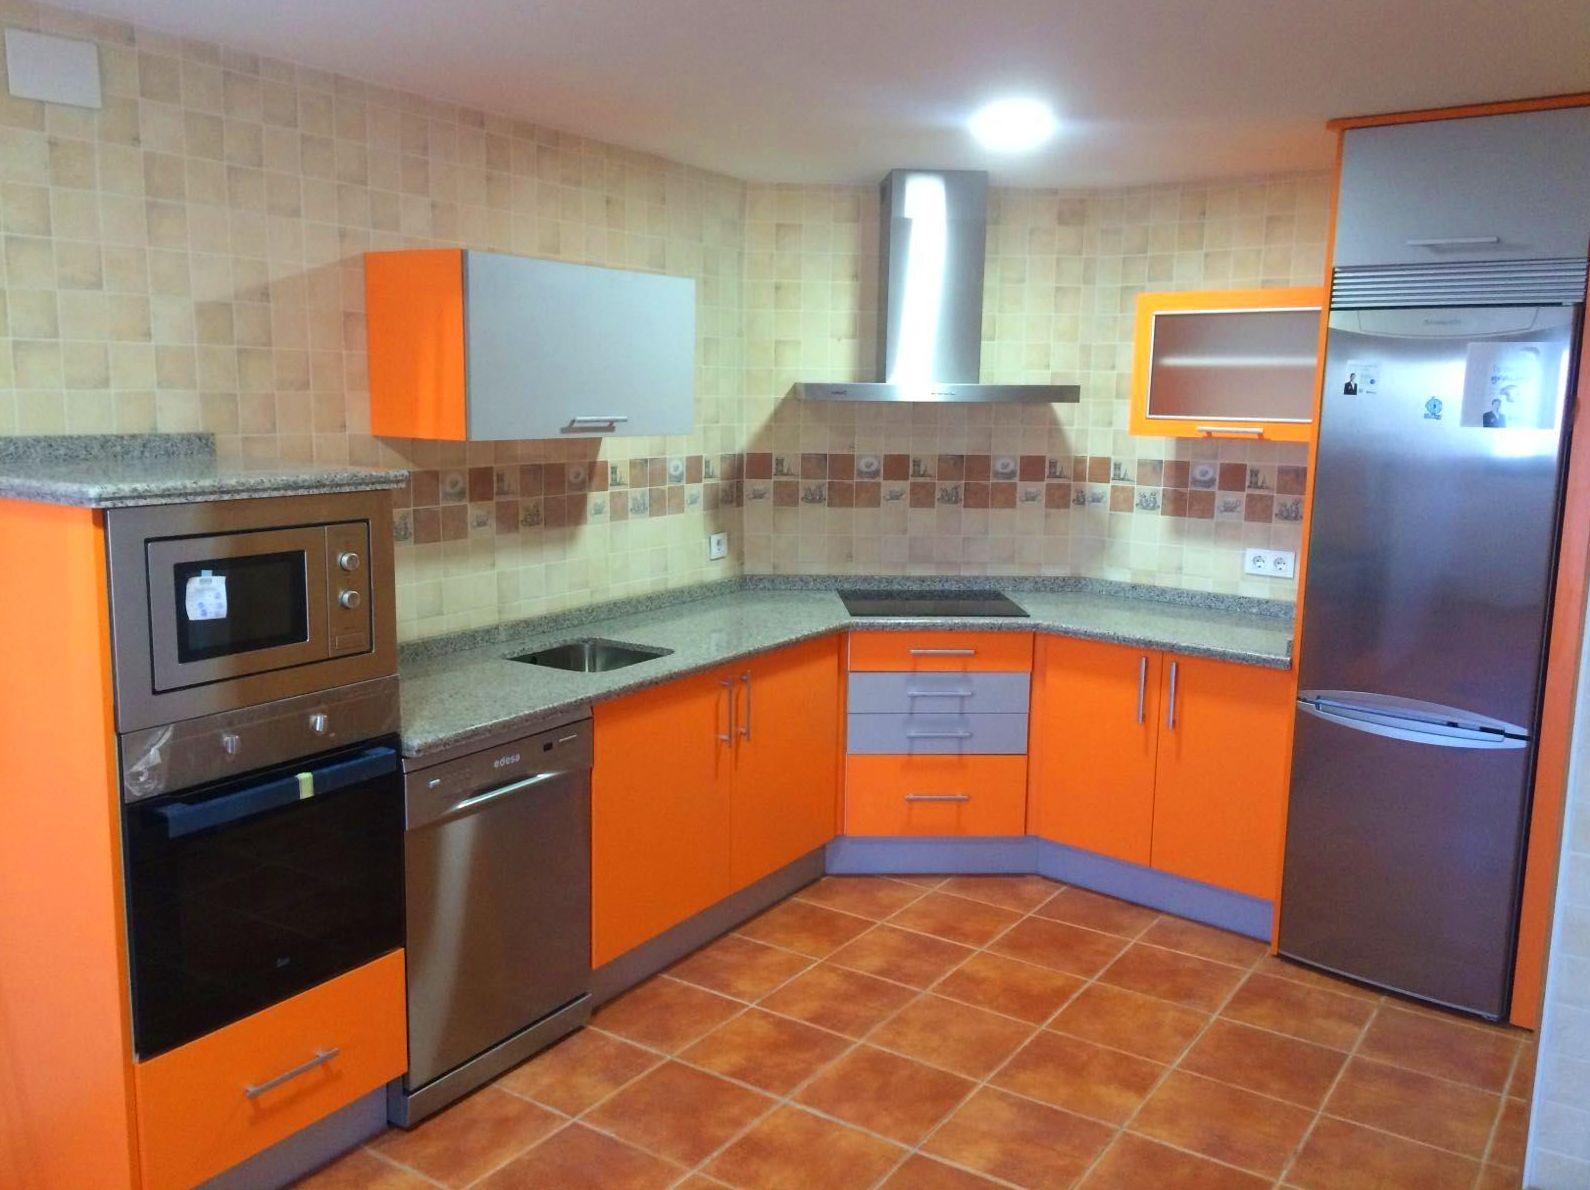 Foto 34 de Muebles de cocina en Plasencia | Durán Cocinas y ...